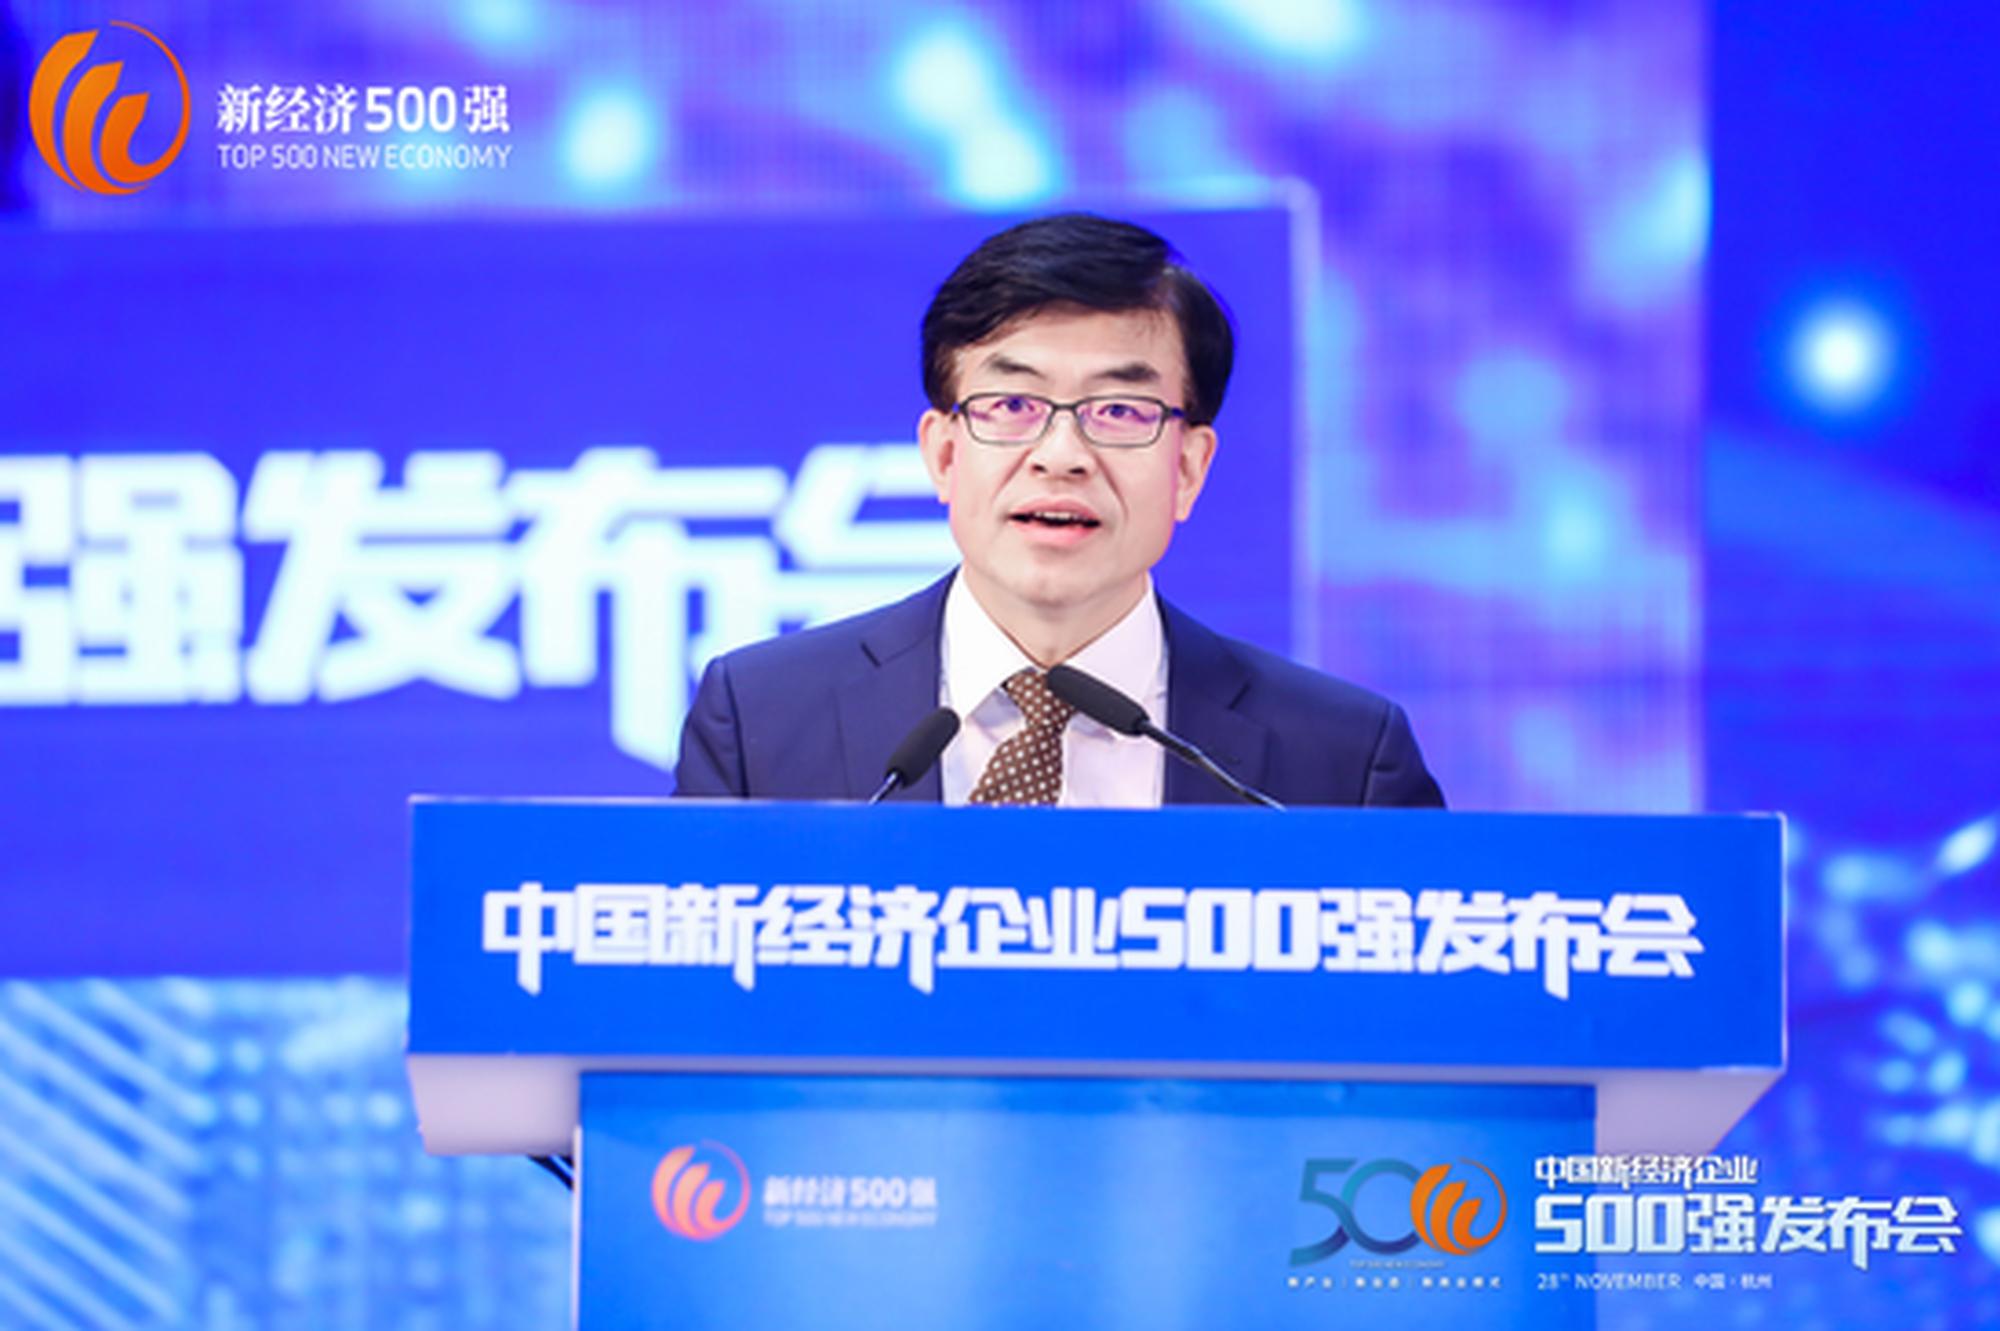 鹏华基金总裁邓召明:融资模式需要向直接融资为主转变